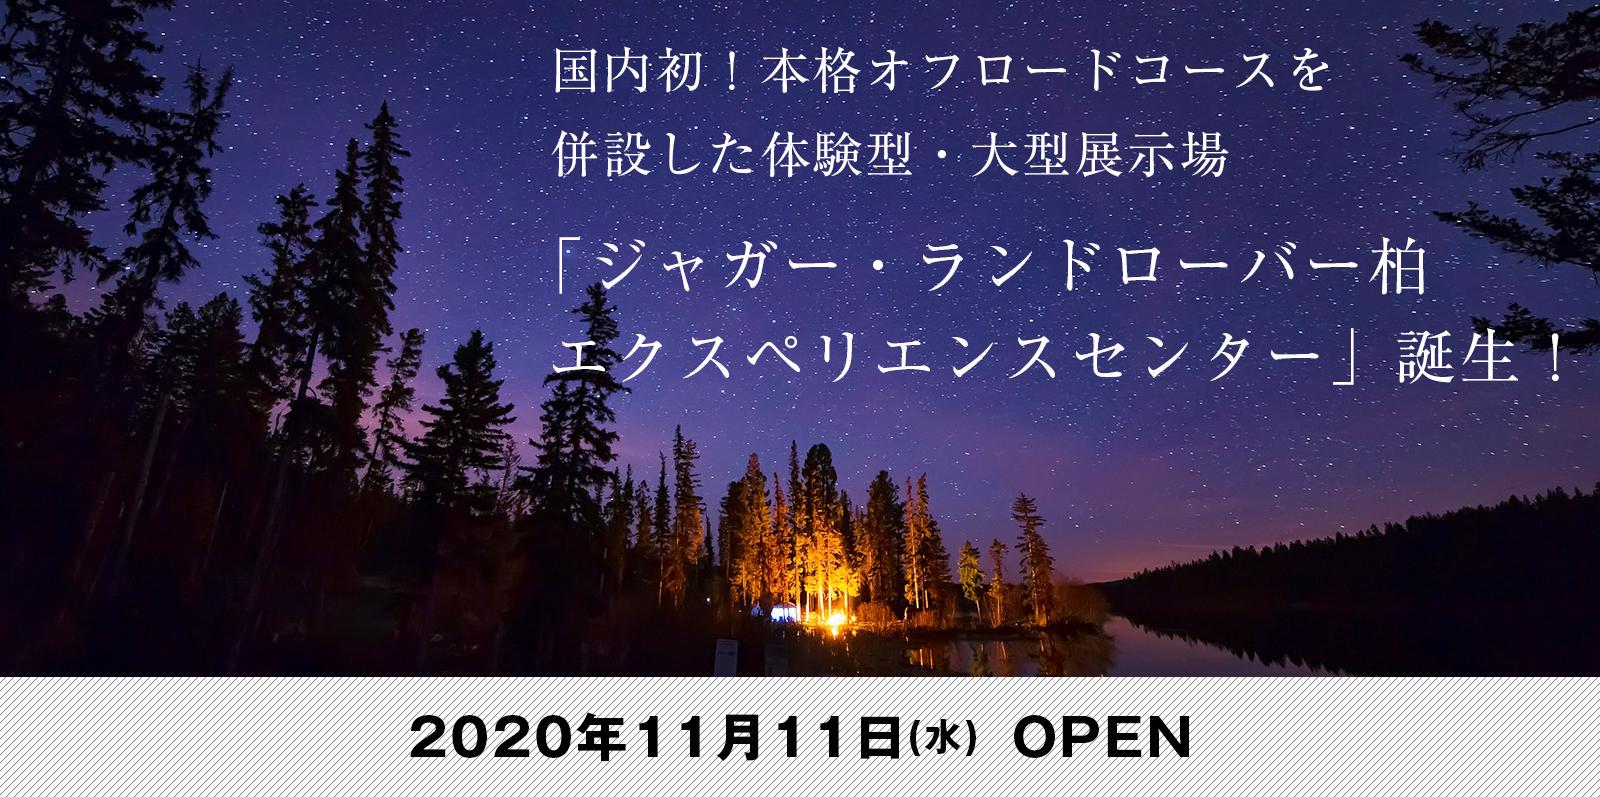 ジャガー・ランドローバー 国内初!オフロード施設 日本最大級の大型展示場